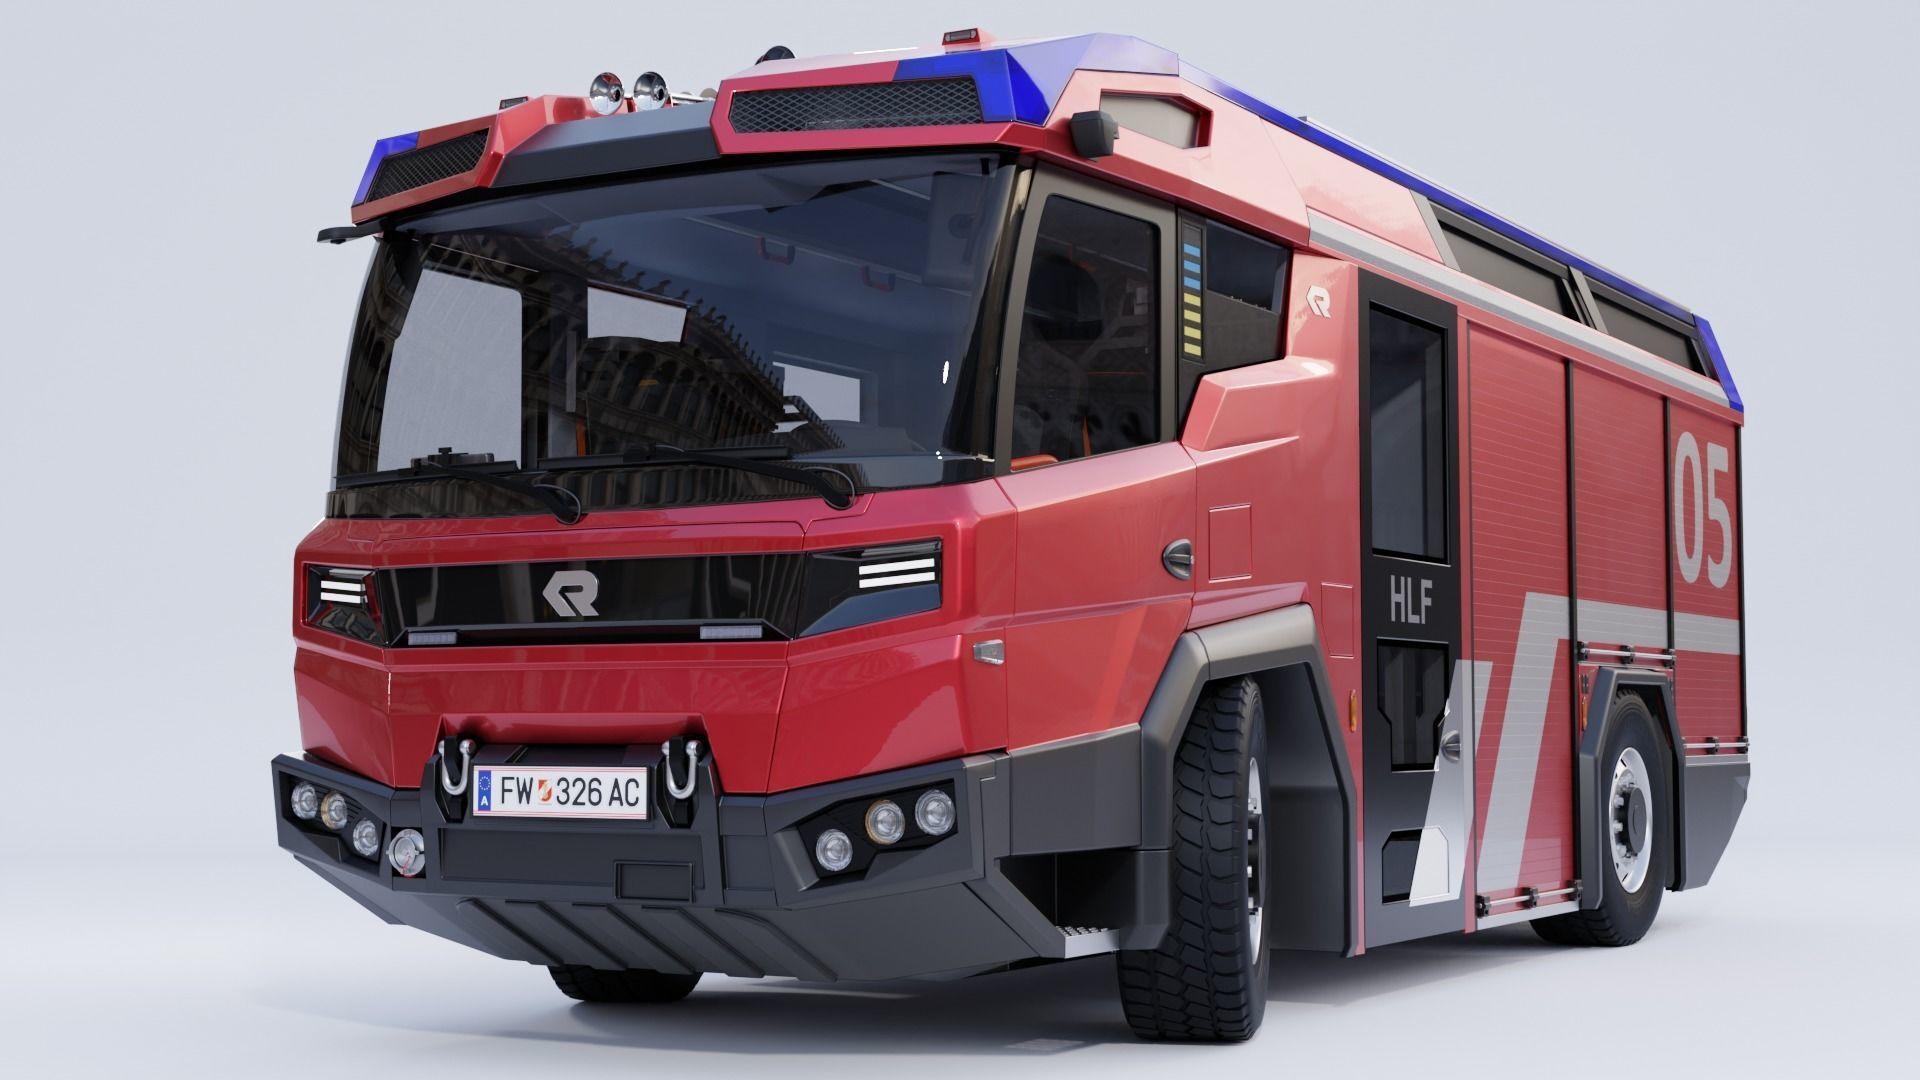 Rosenbauer RT Fire Truck